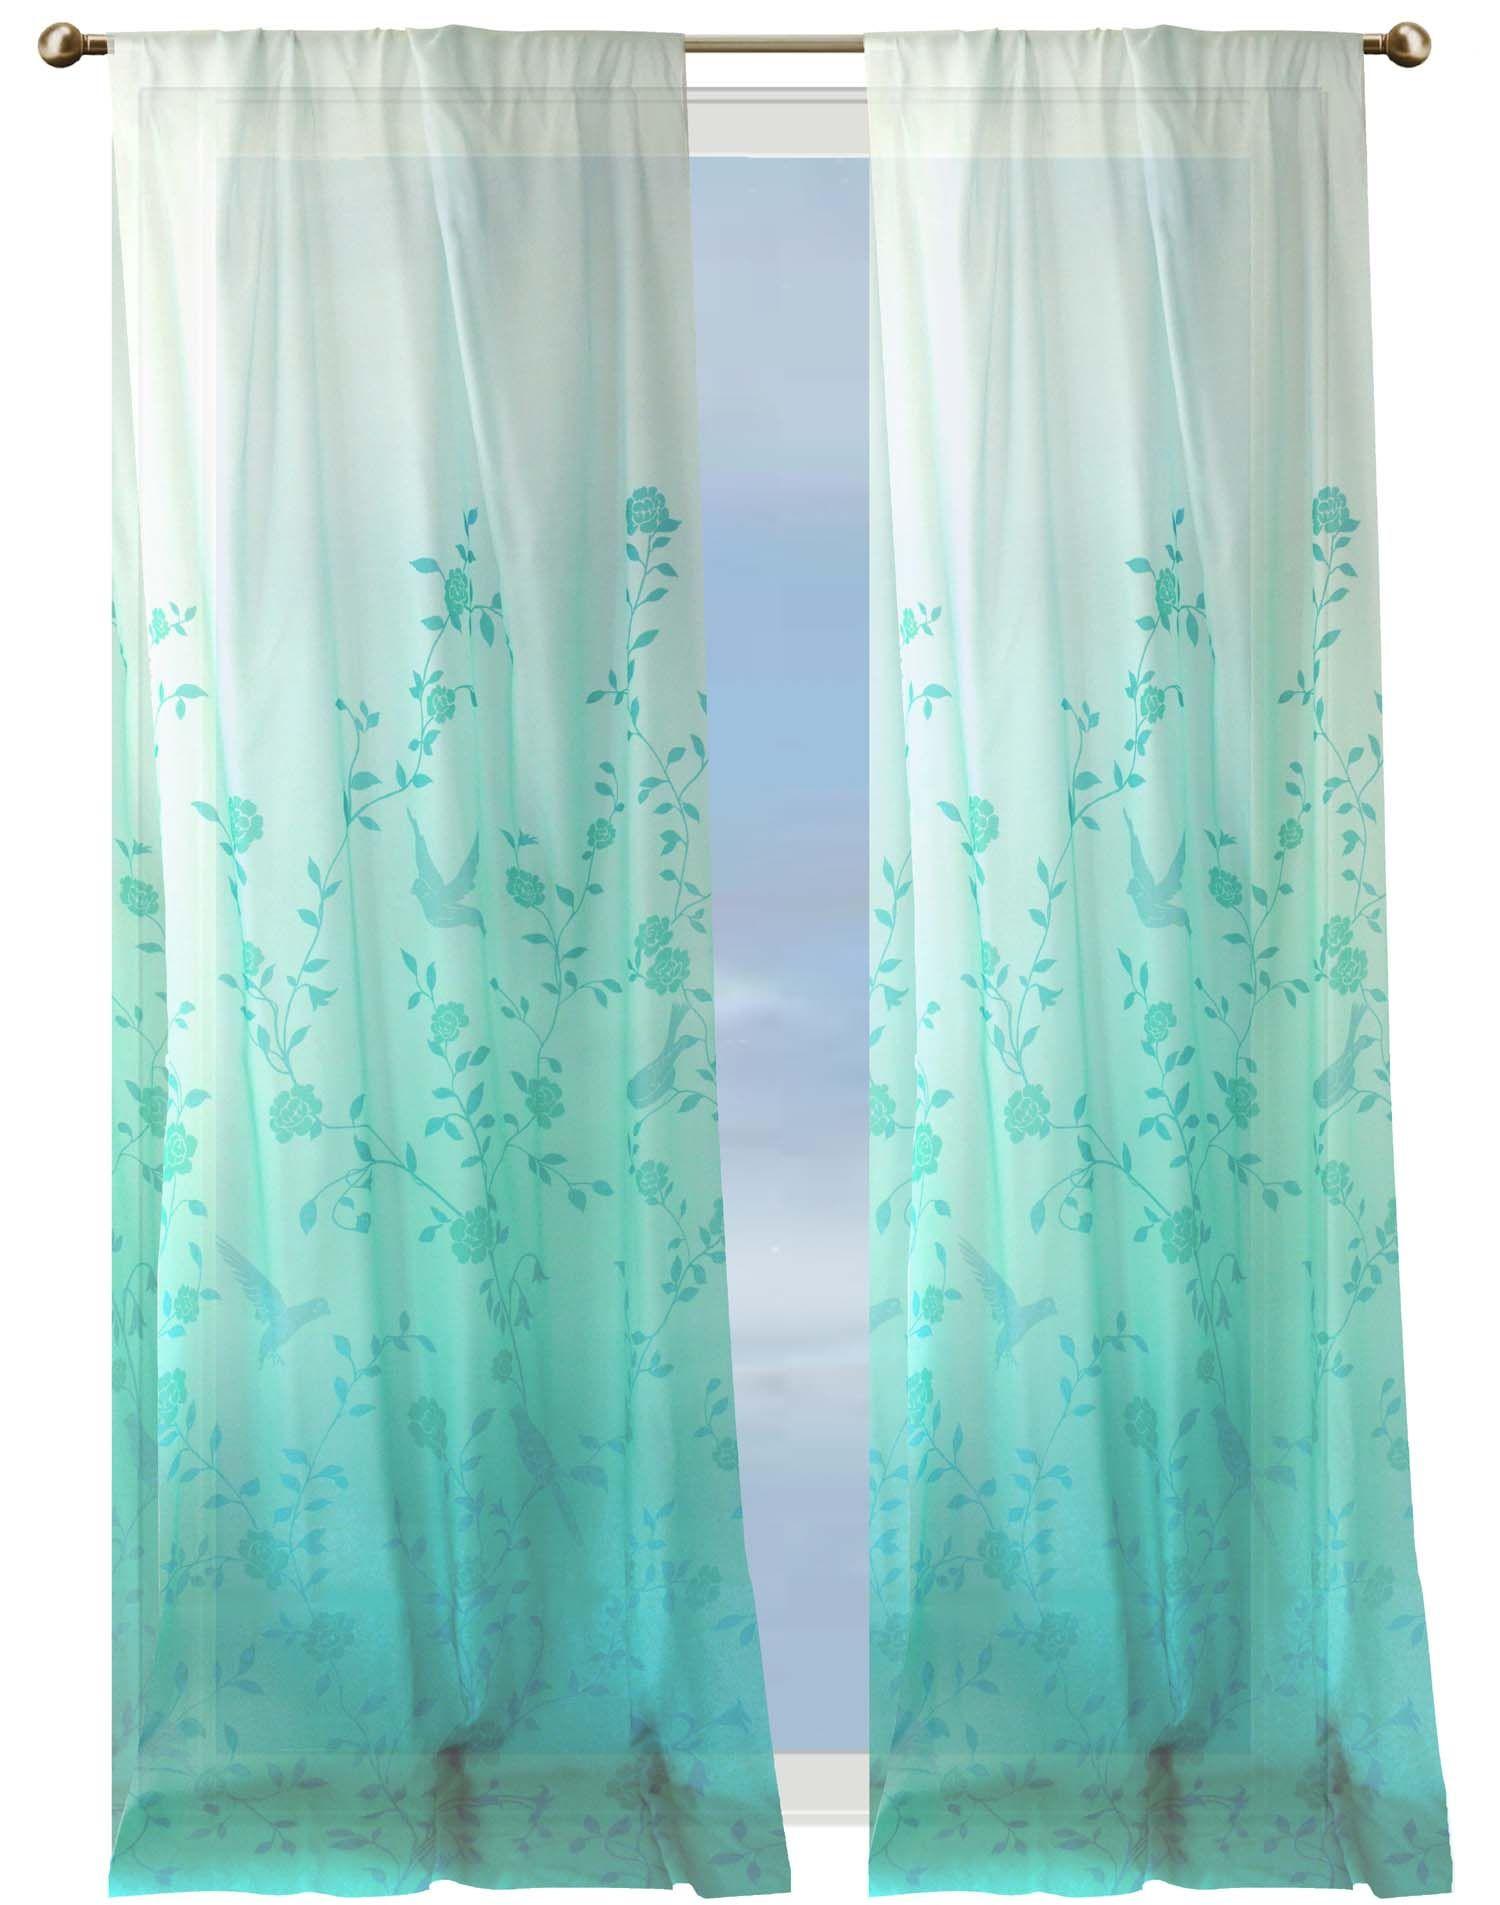 Bird sheer curtains - Bird Sanctuary Sheer Curtains